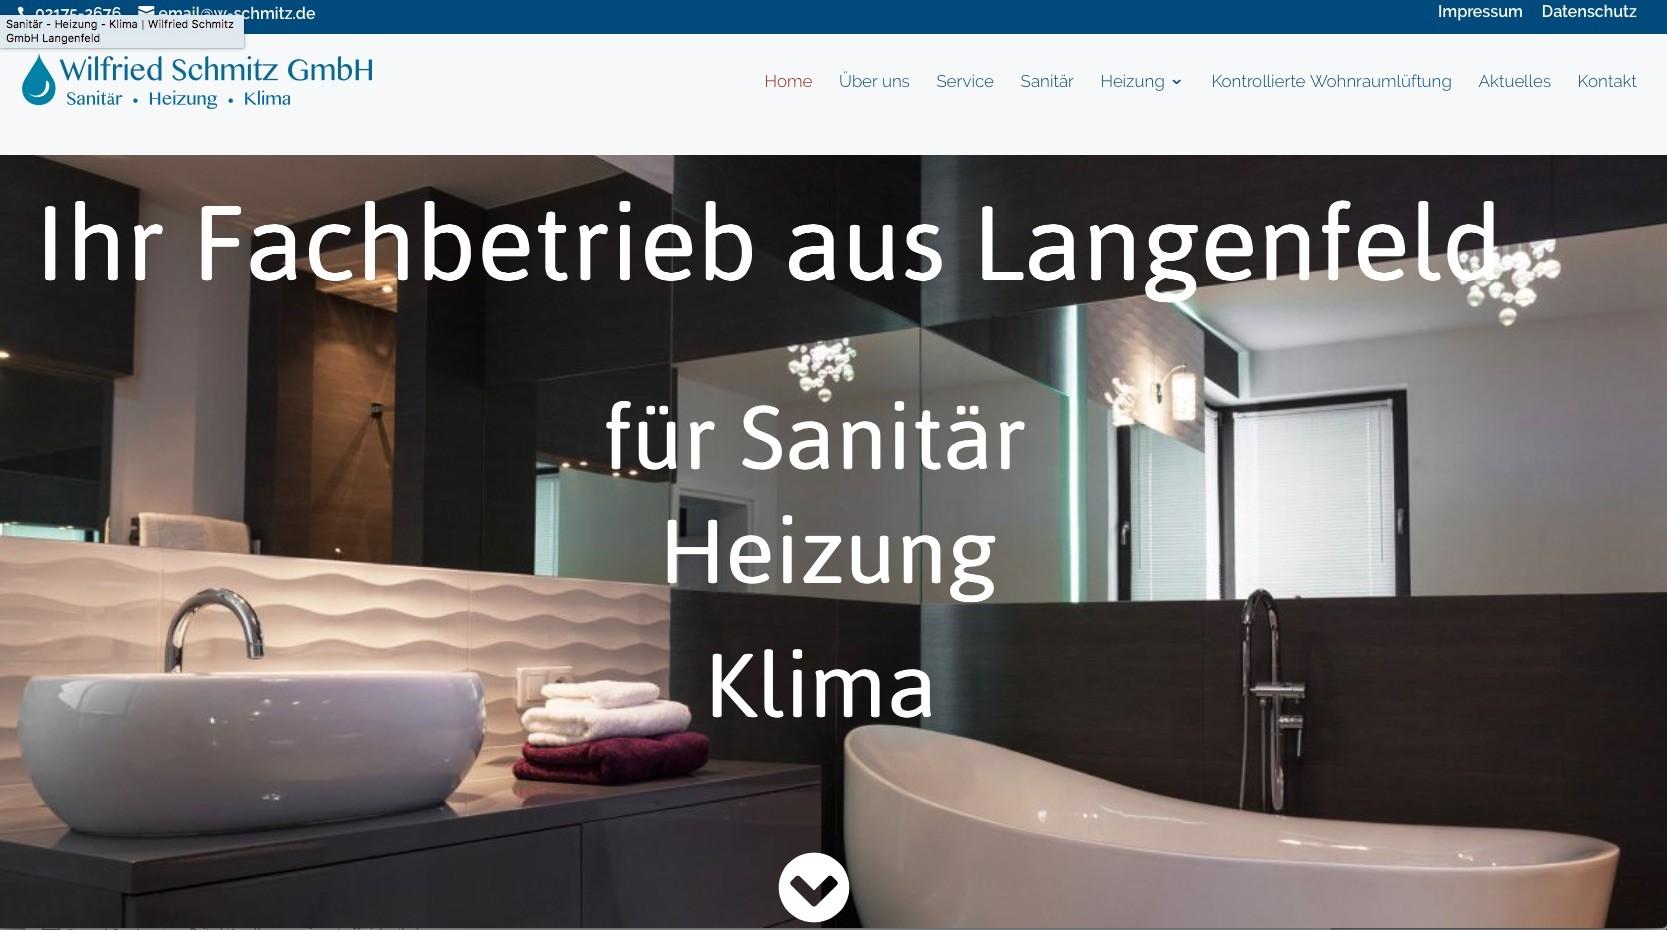 Wilfried Schmitz GmbH, Langenfeld